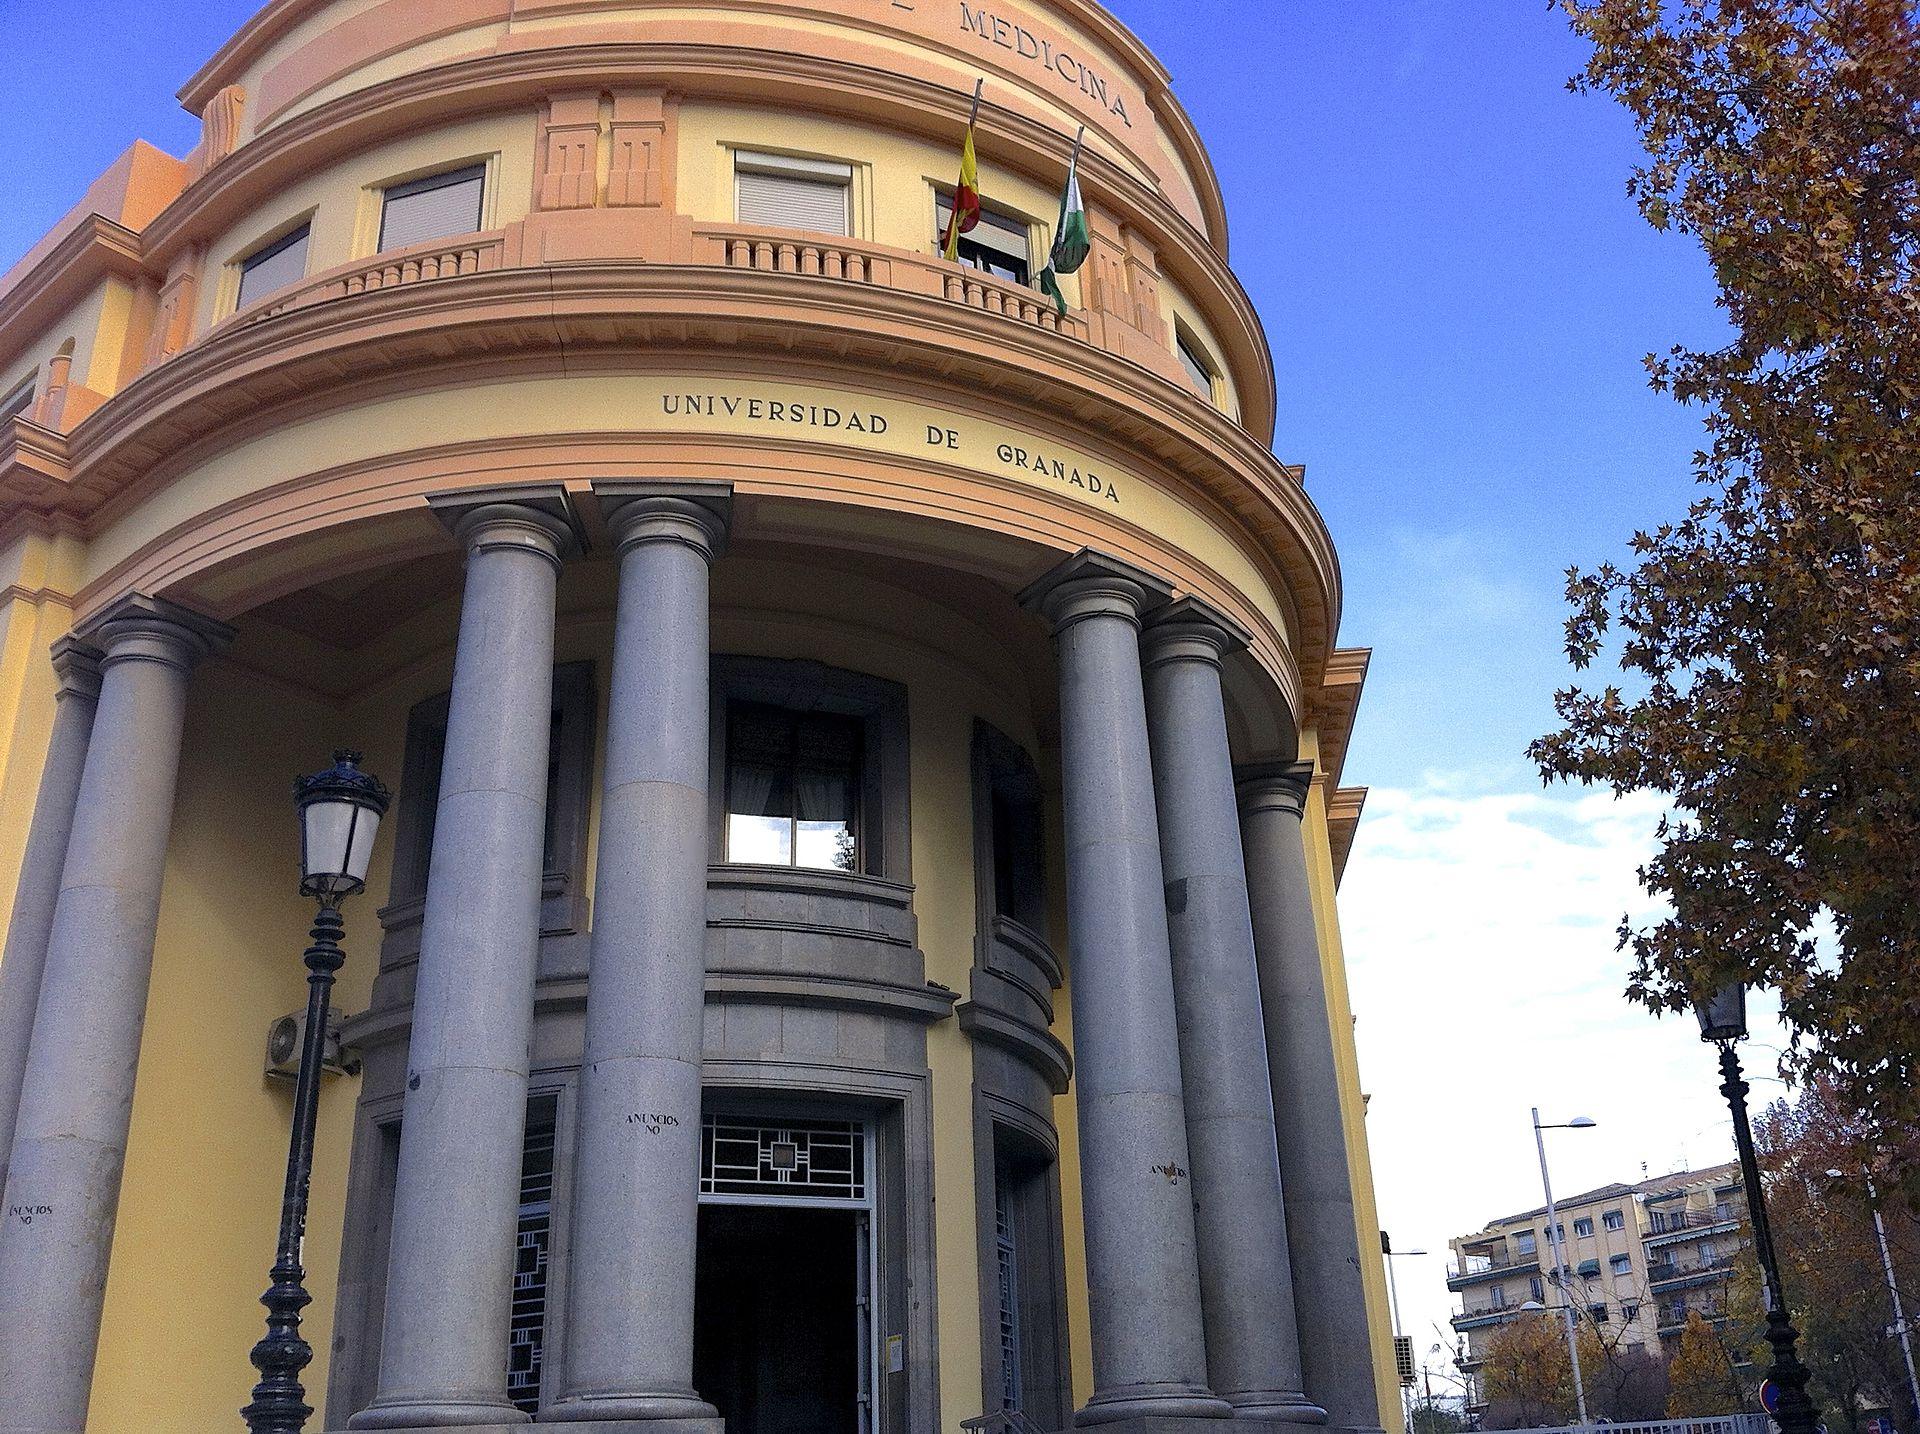 Facultad de medicina de la universidad de granada wikipedia la enciclopedia libre - Intercambios de casas en espana ...